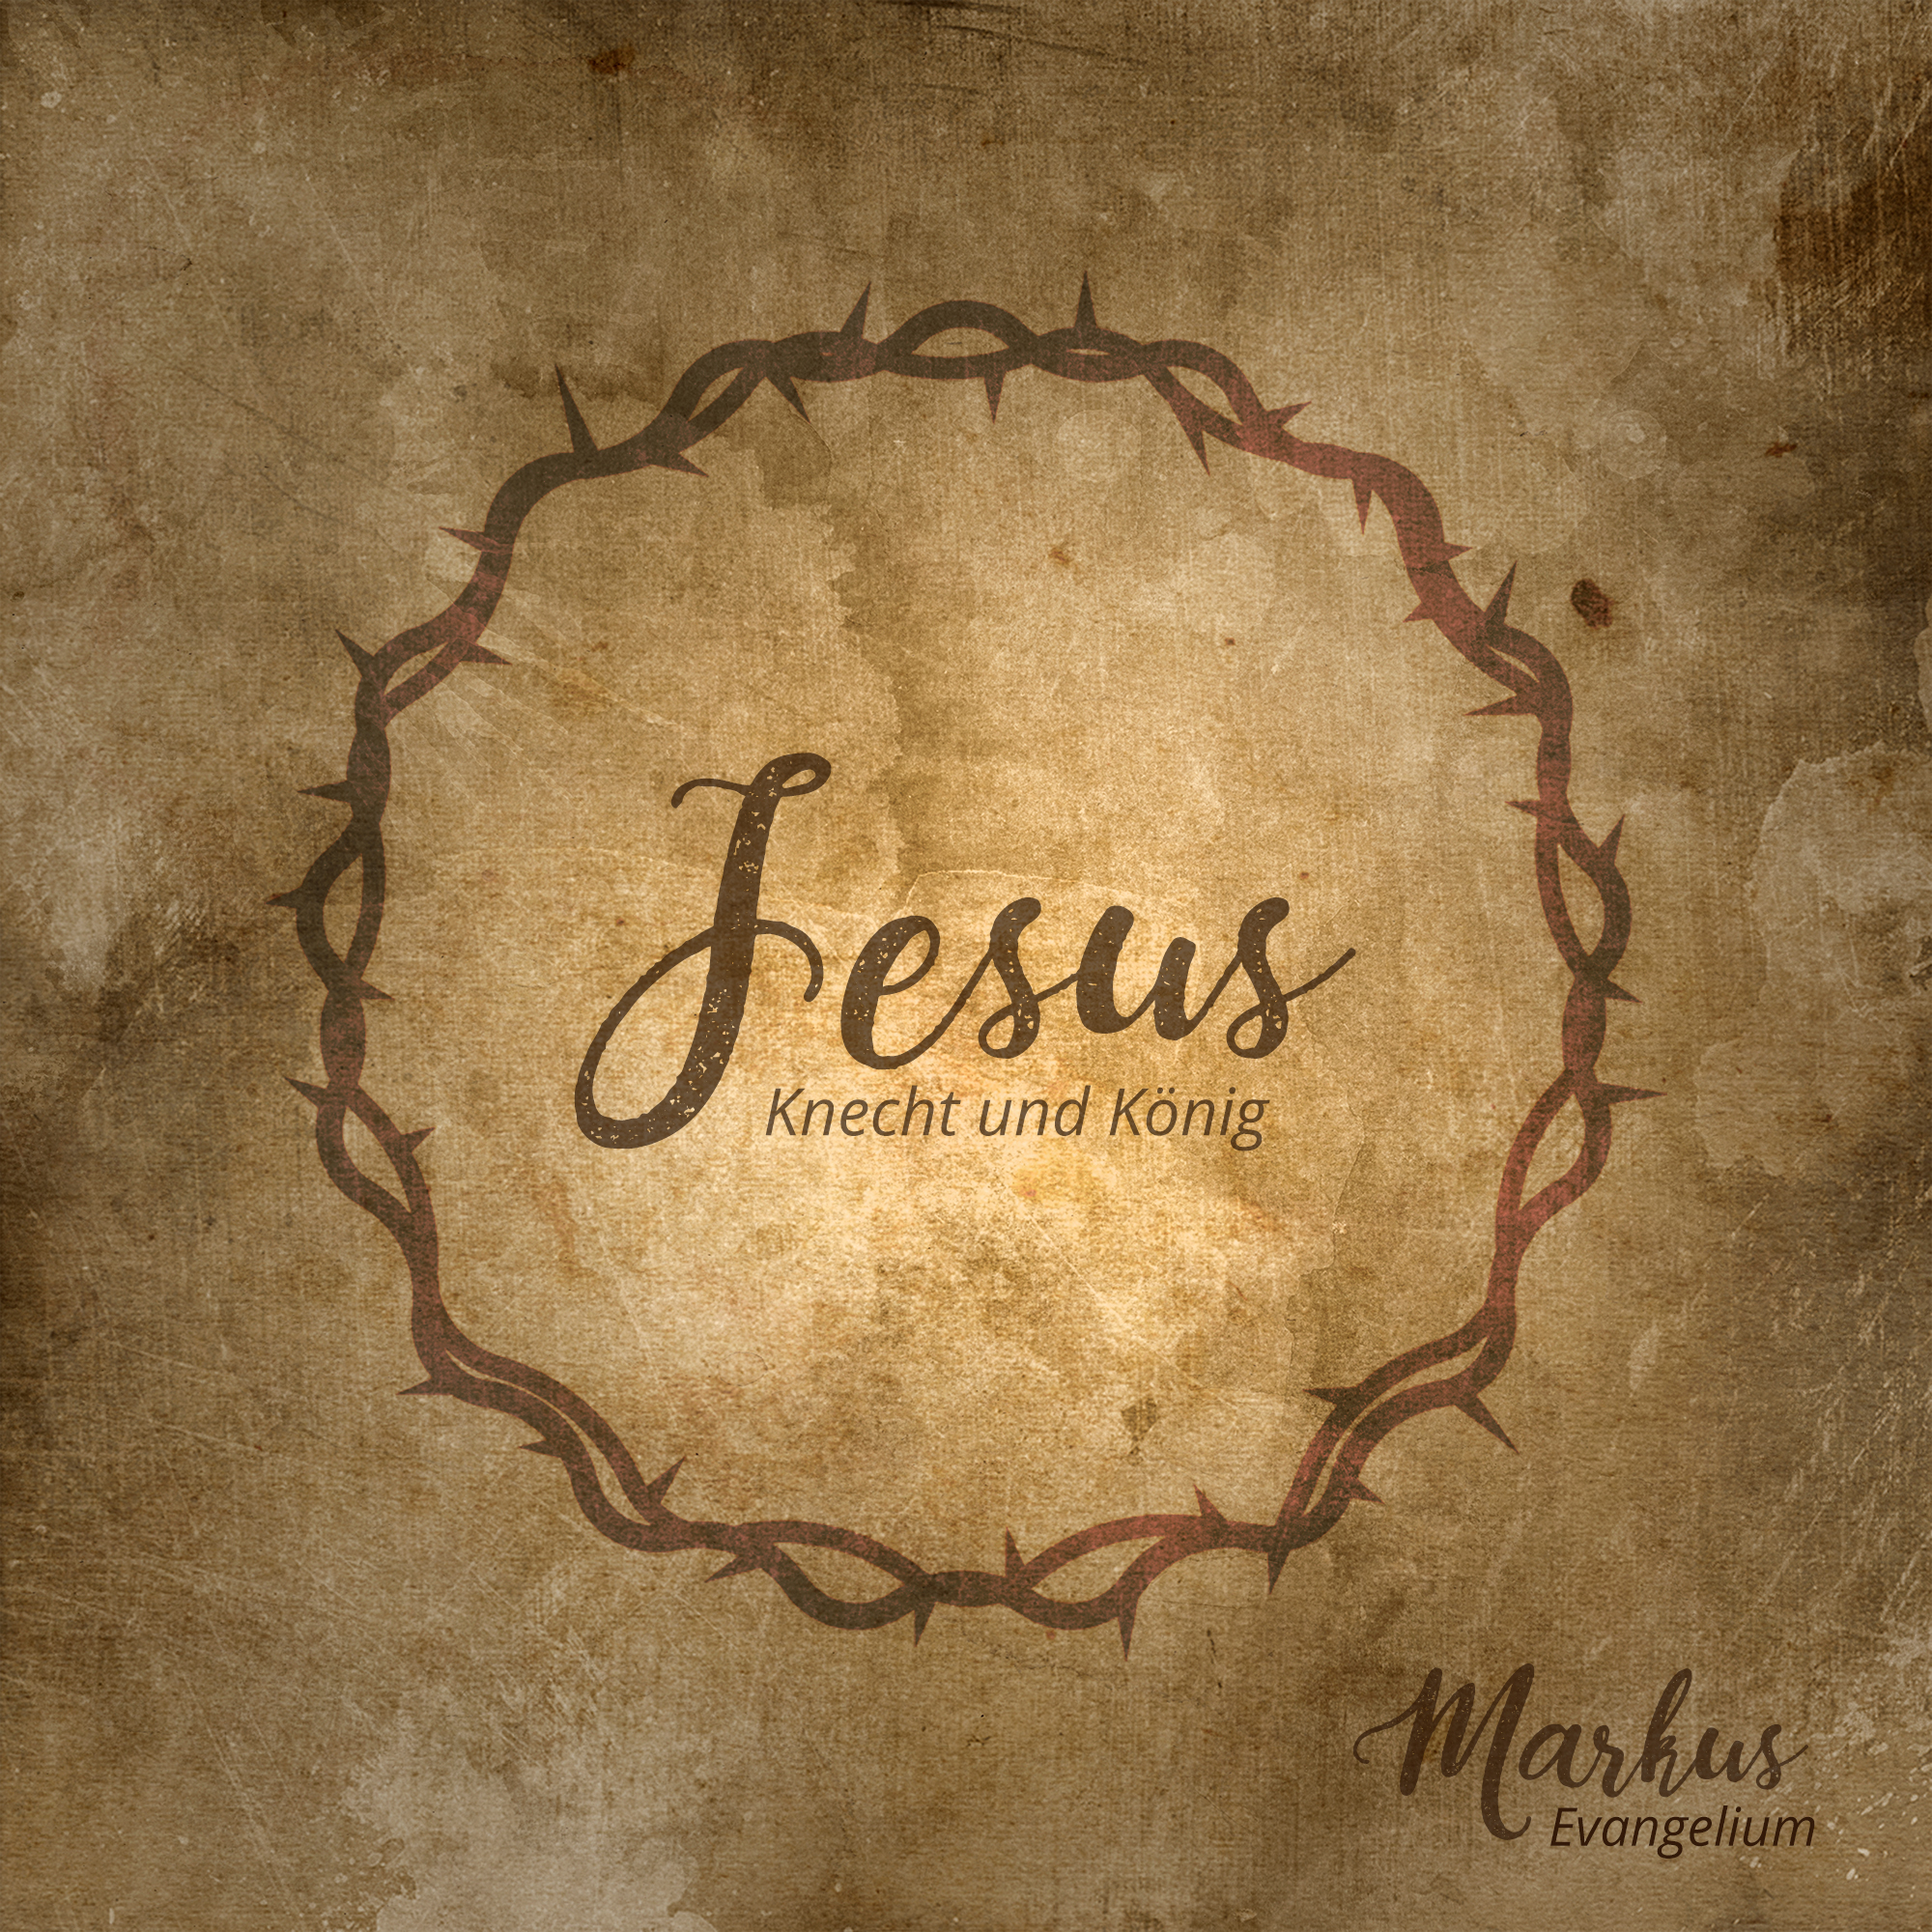 Schaubild zum ersten Akt des Markus-Evangelium